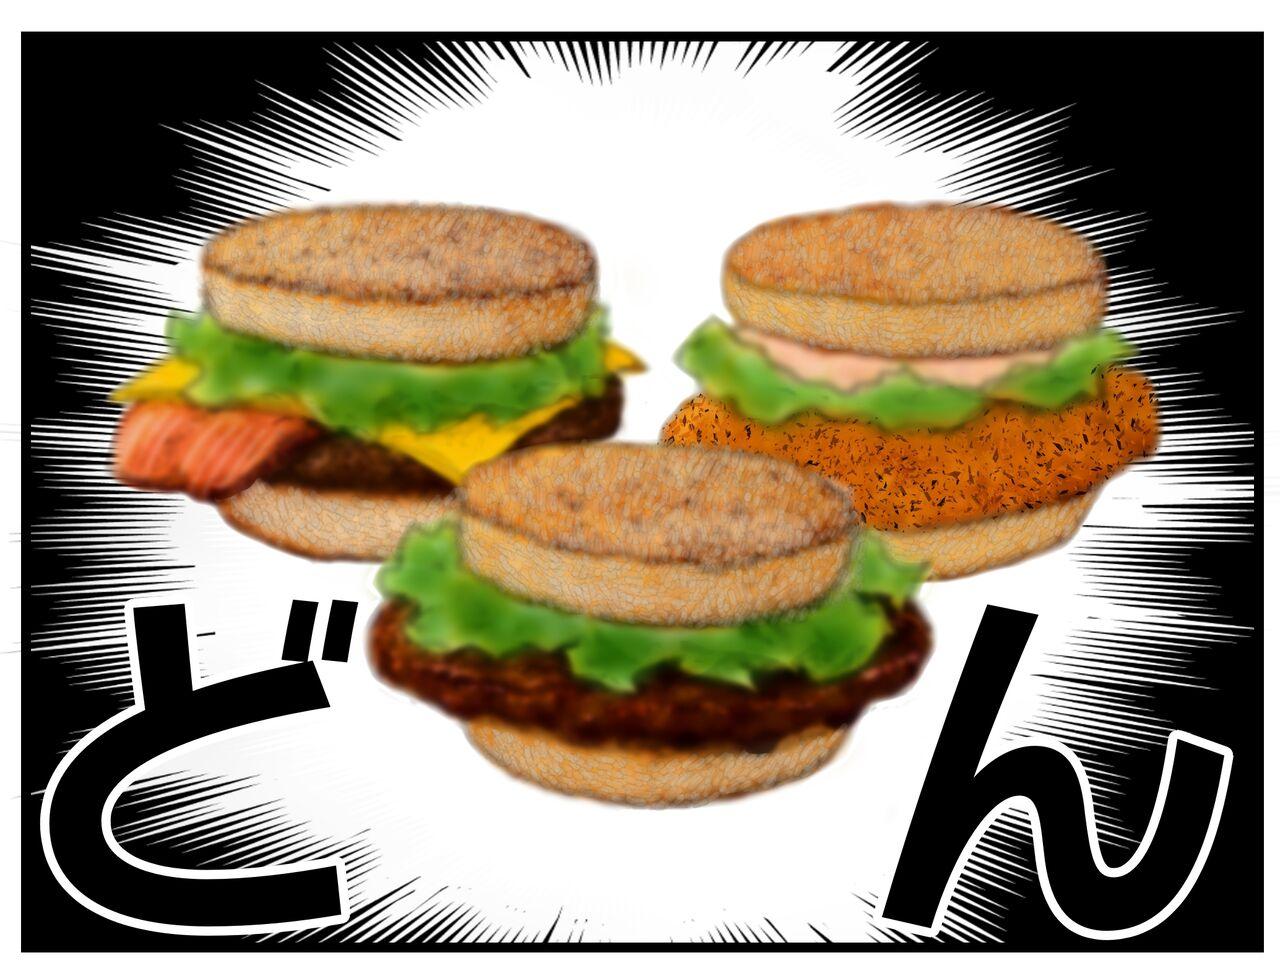 マクドナルド】新発売の【ごはんバーガー】3種食べてみた!【ごはん ...